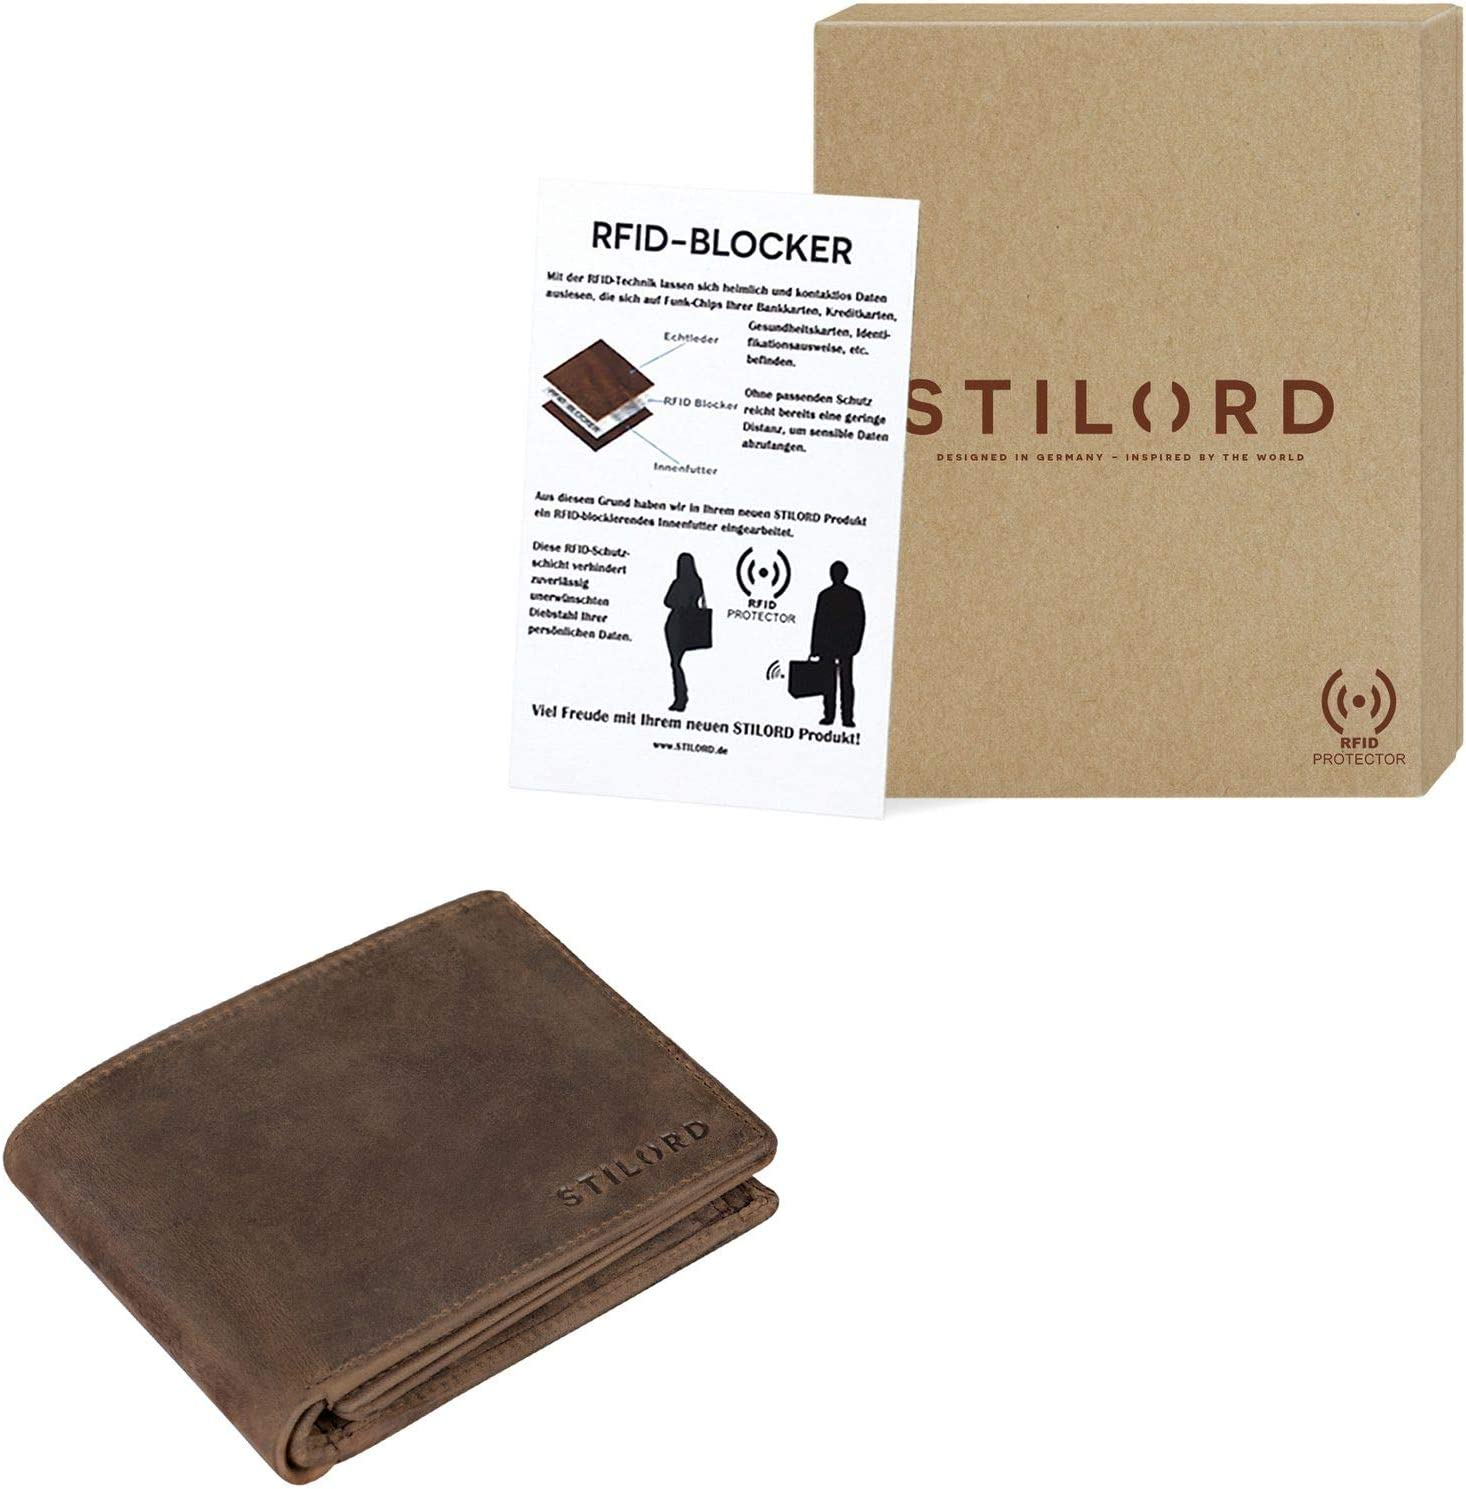 Couleur:Graphite STILORD Lennox Portefeuille RFID Blocking Cuir Porte-Monnaie Homme Poche /à Monnaie pour Carte de Cr/édit Wallet NFC Protection daffichage en Travers Gris